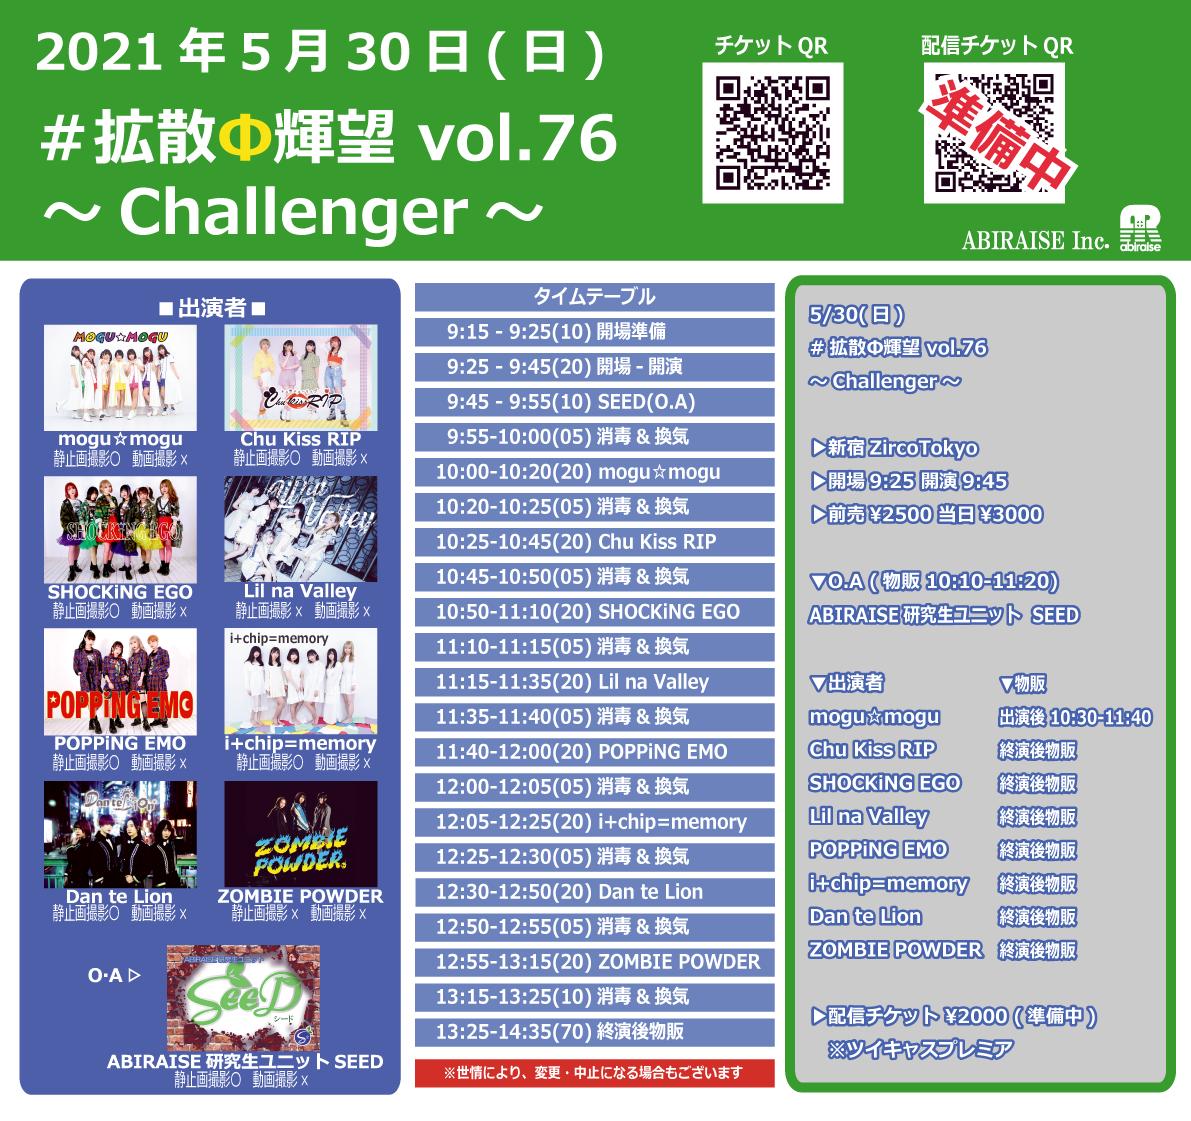 #拡散Φ輝望 vol.76 〜Challenger〜